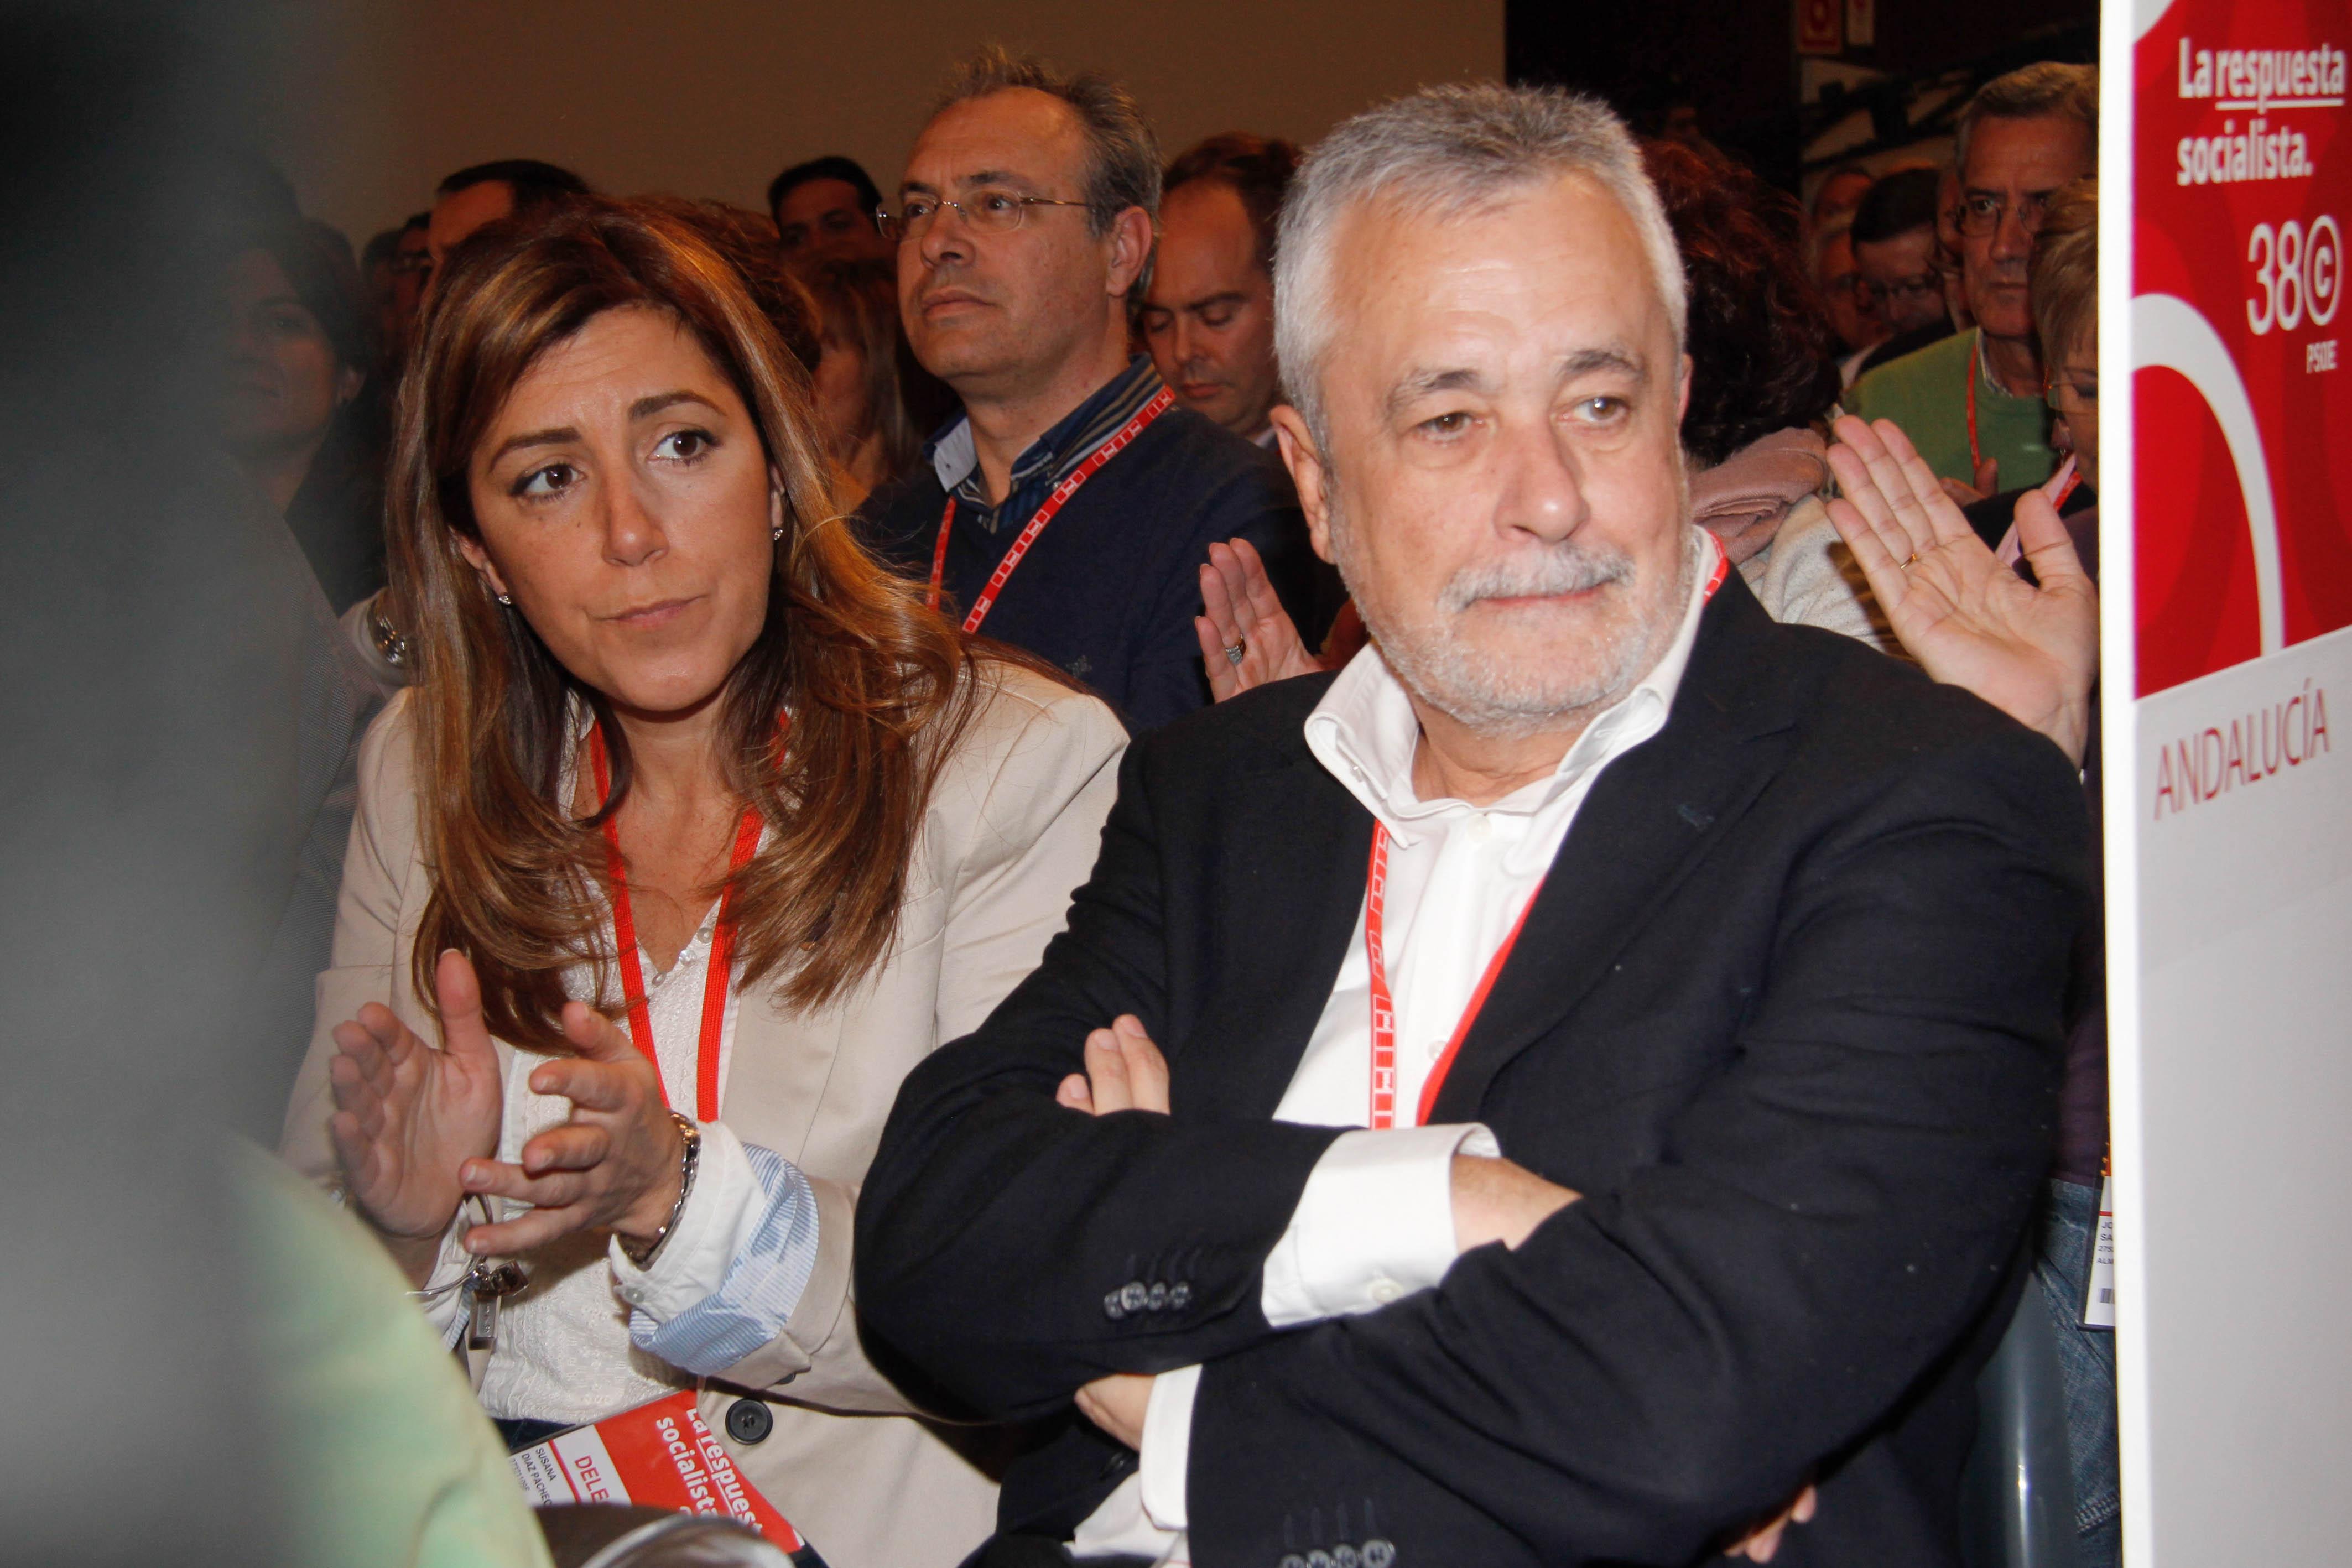 josé antonio griñán, presidente de la junta de andalucía